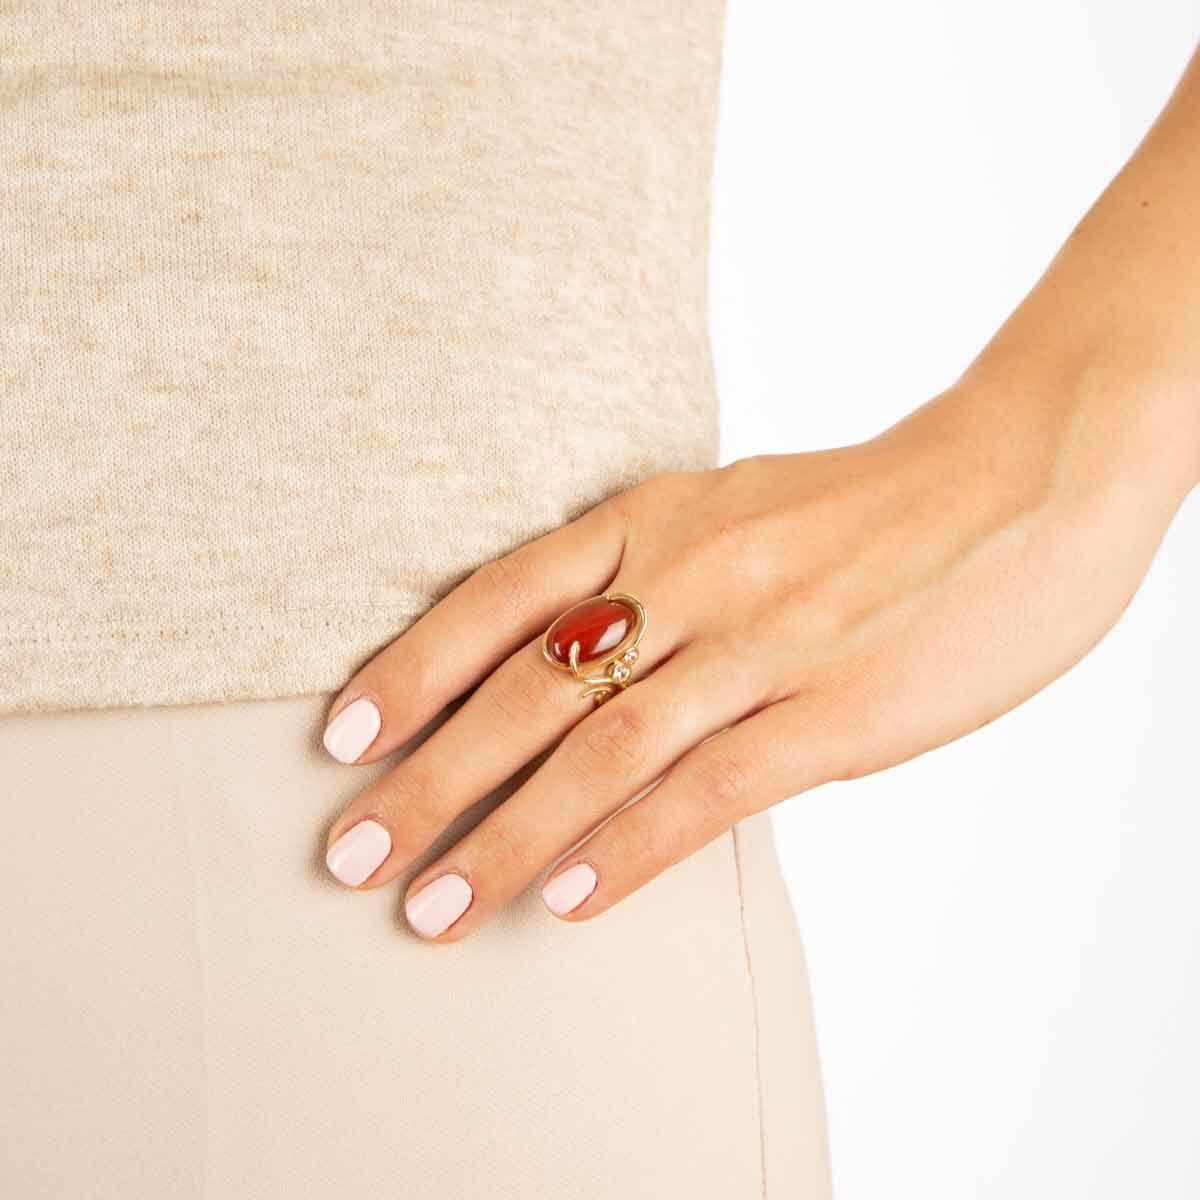 انگشتر طلا عقیق بیضی و نگین پرسته